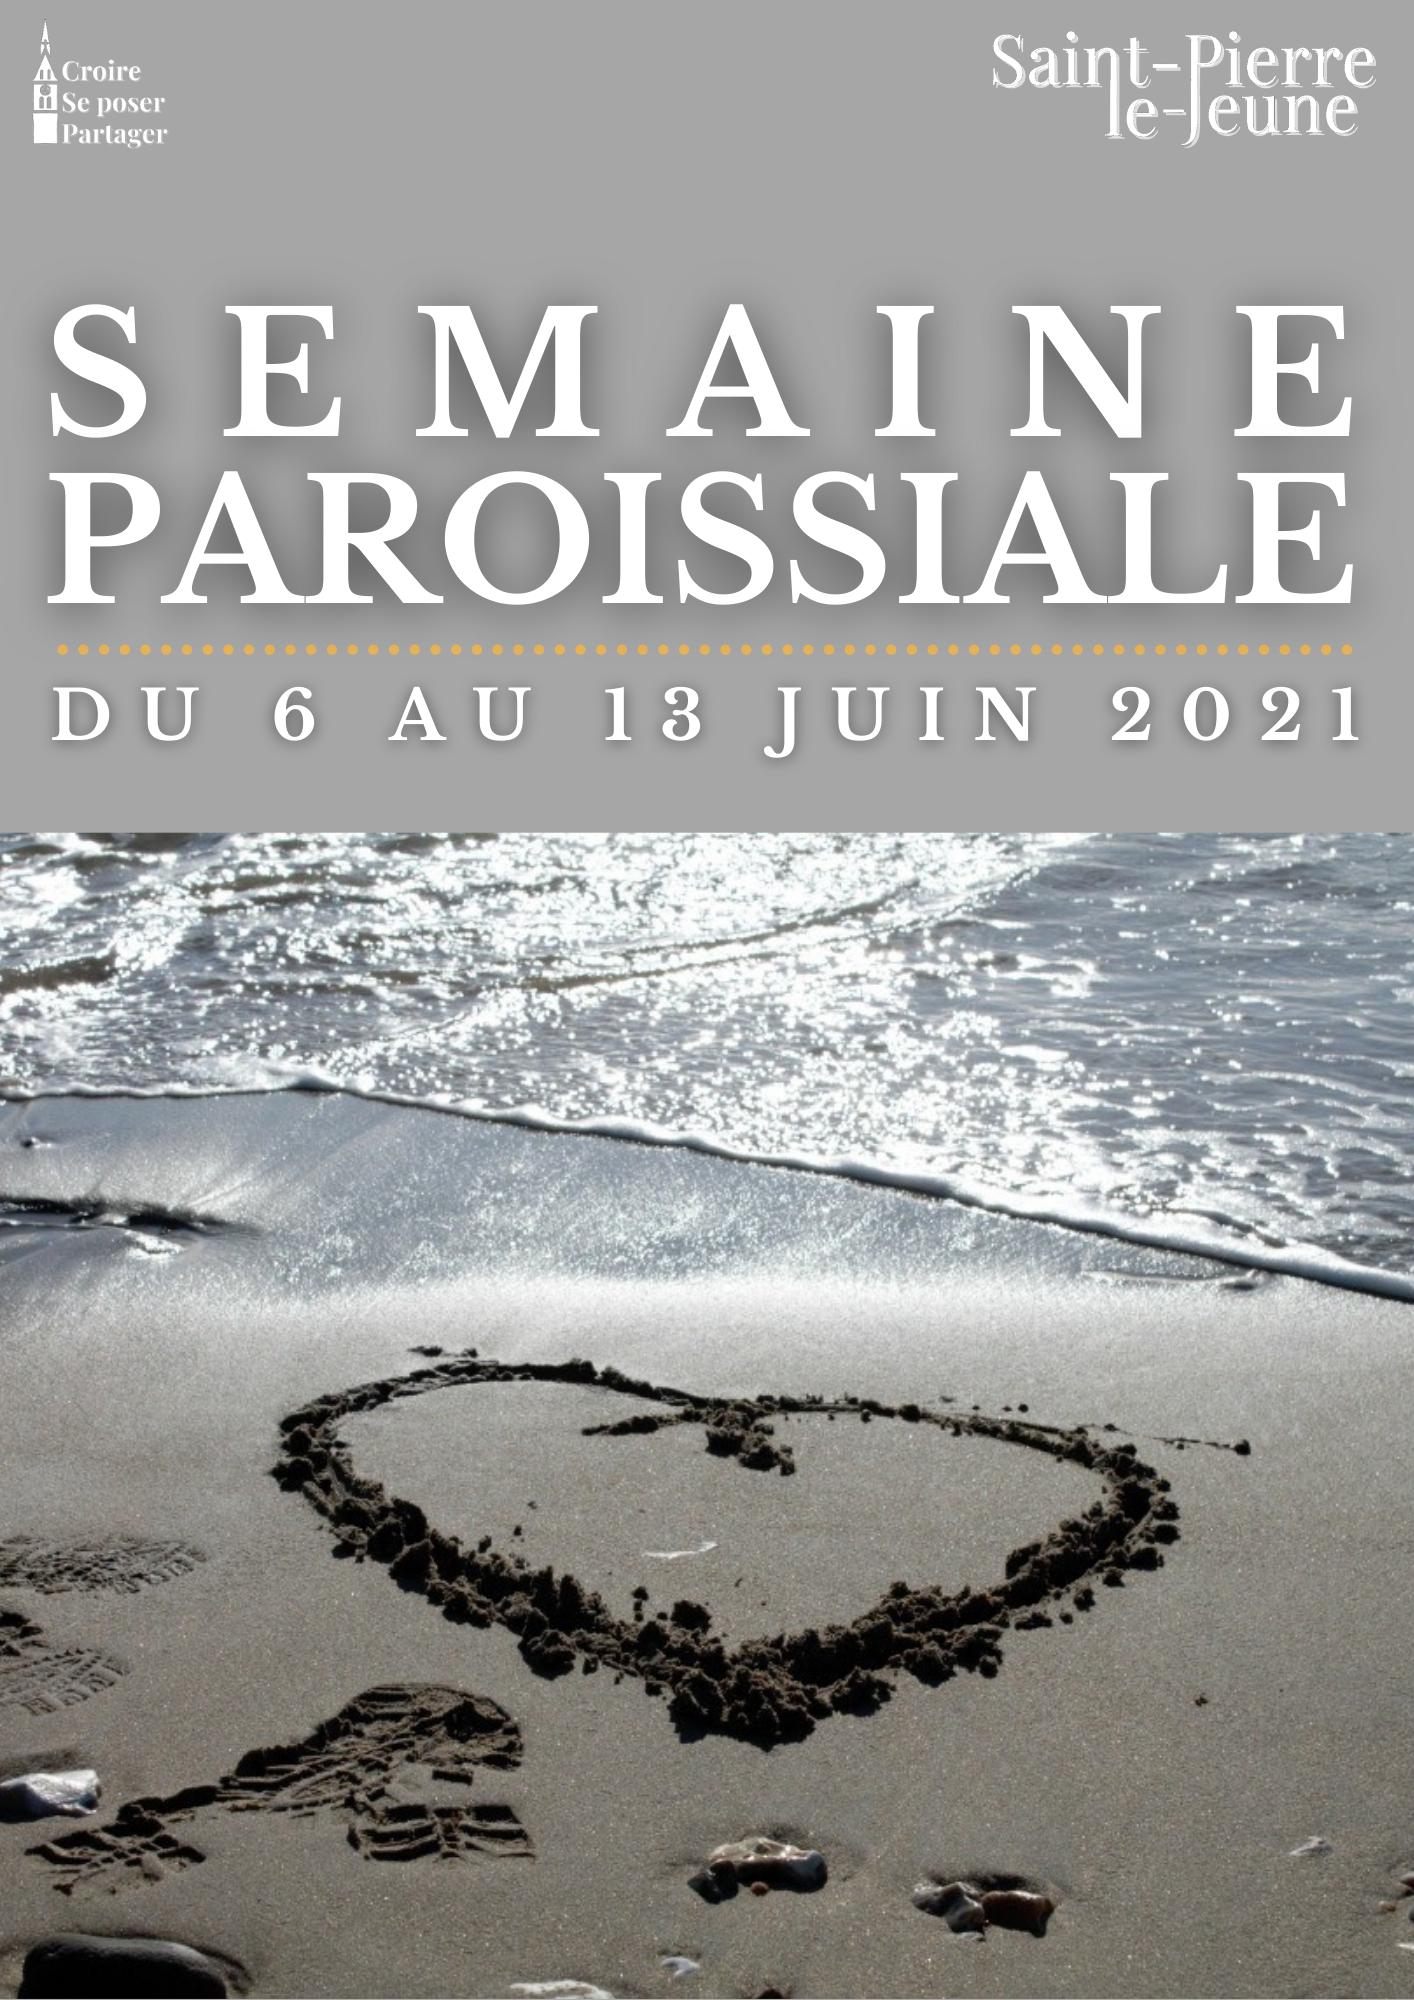 Semaine paroissiale - 6 juin 2021